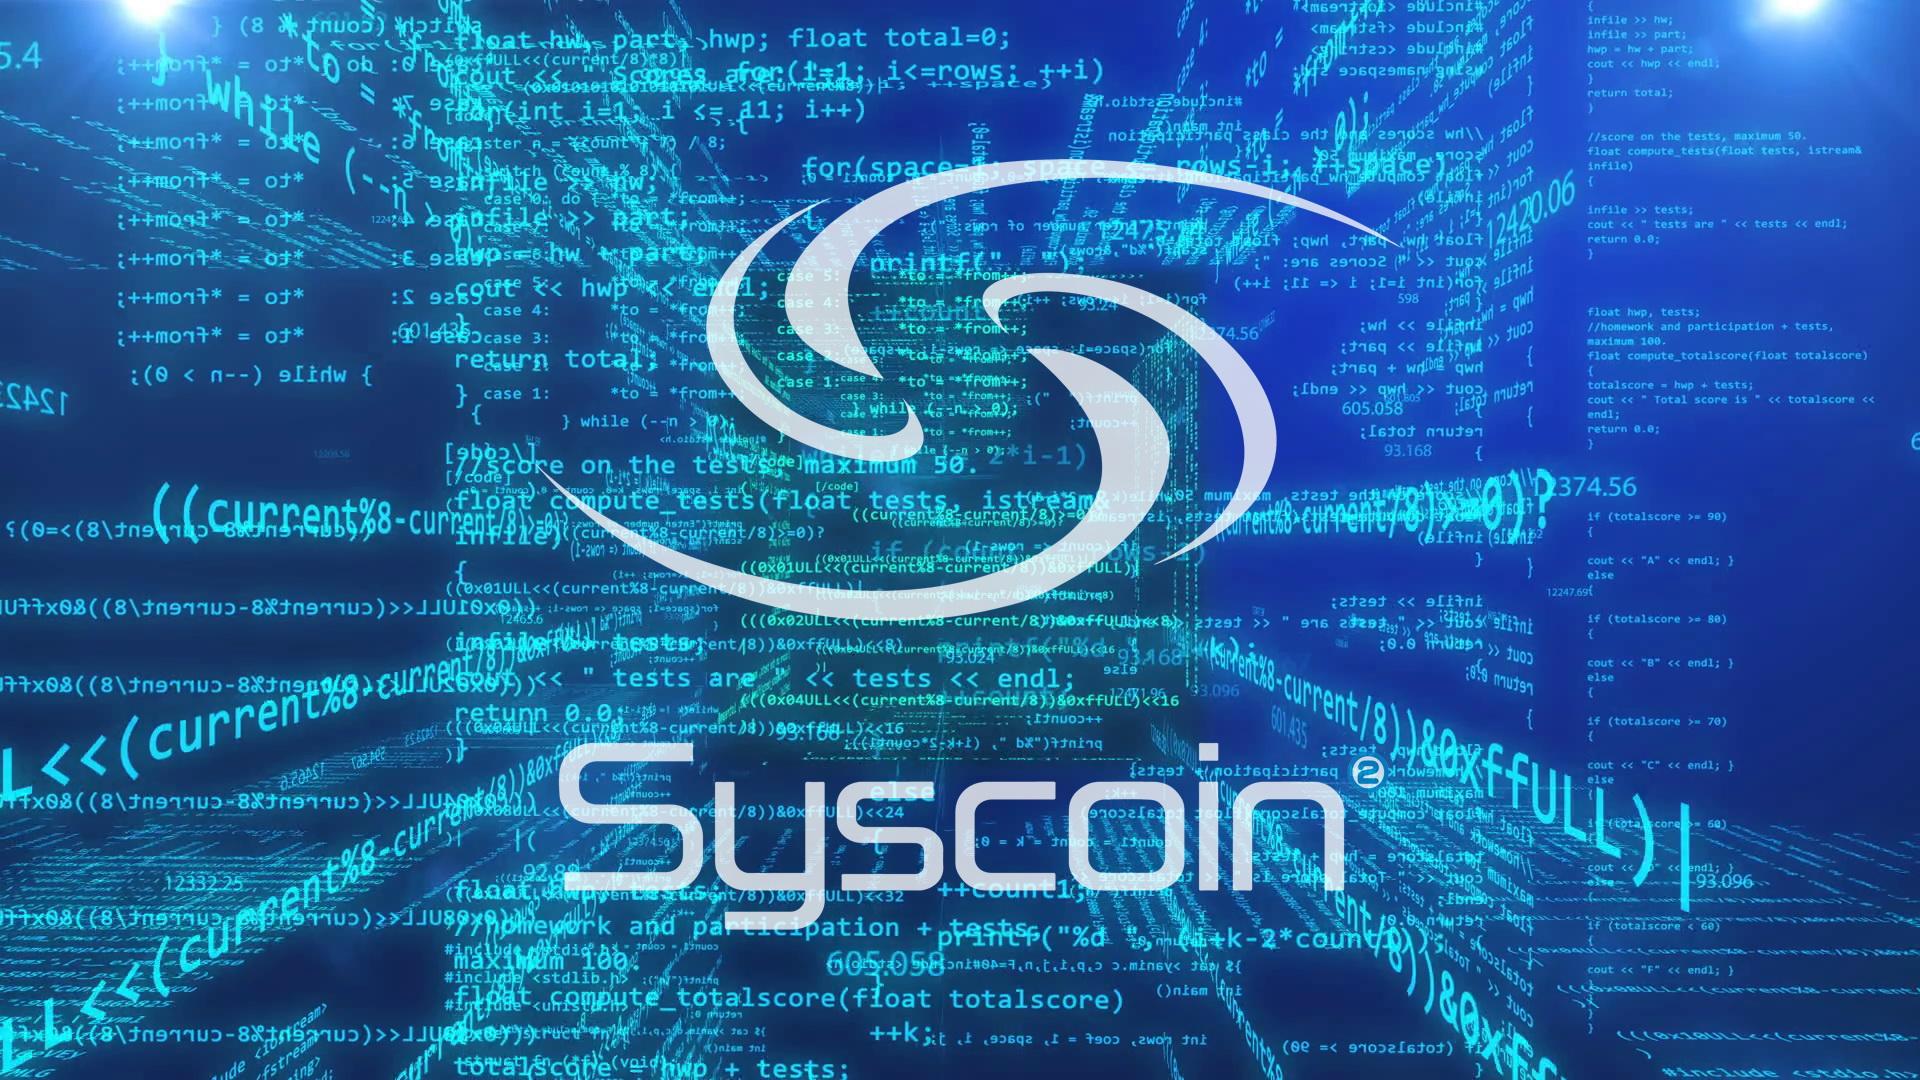 Хакеры взломали аккаунт разработчиков криптовалюты Syscoin на GitHub и подменили официальный клиент